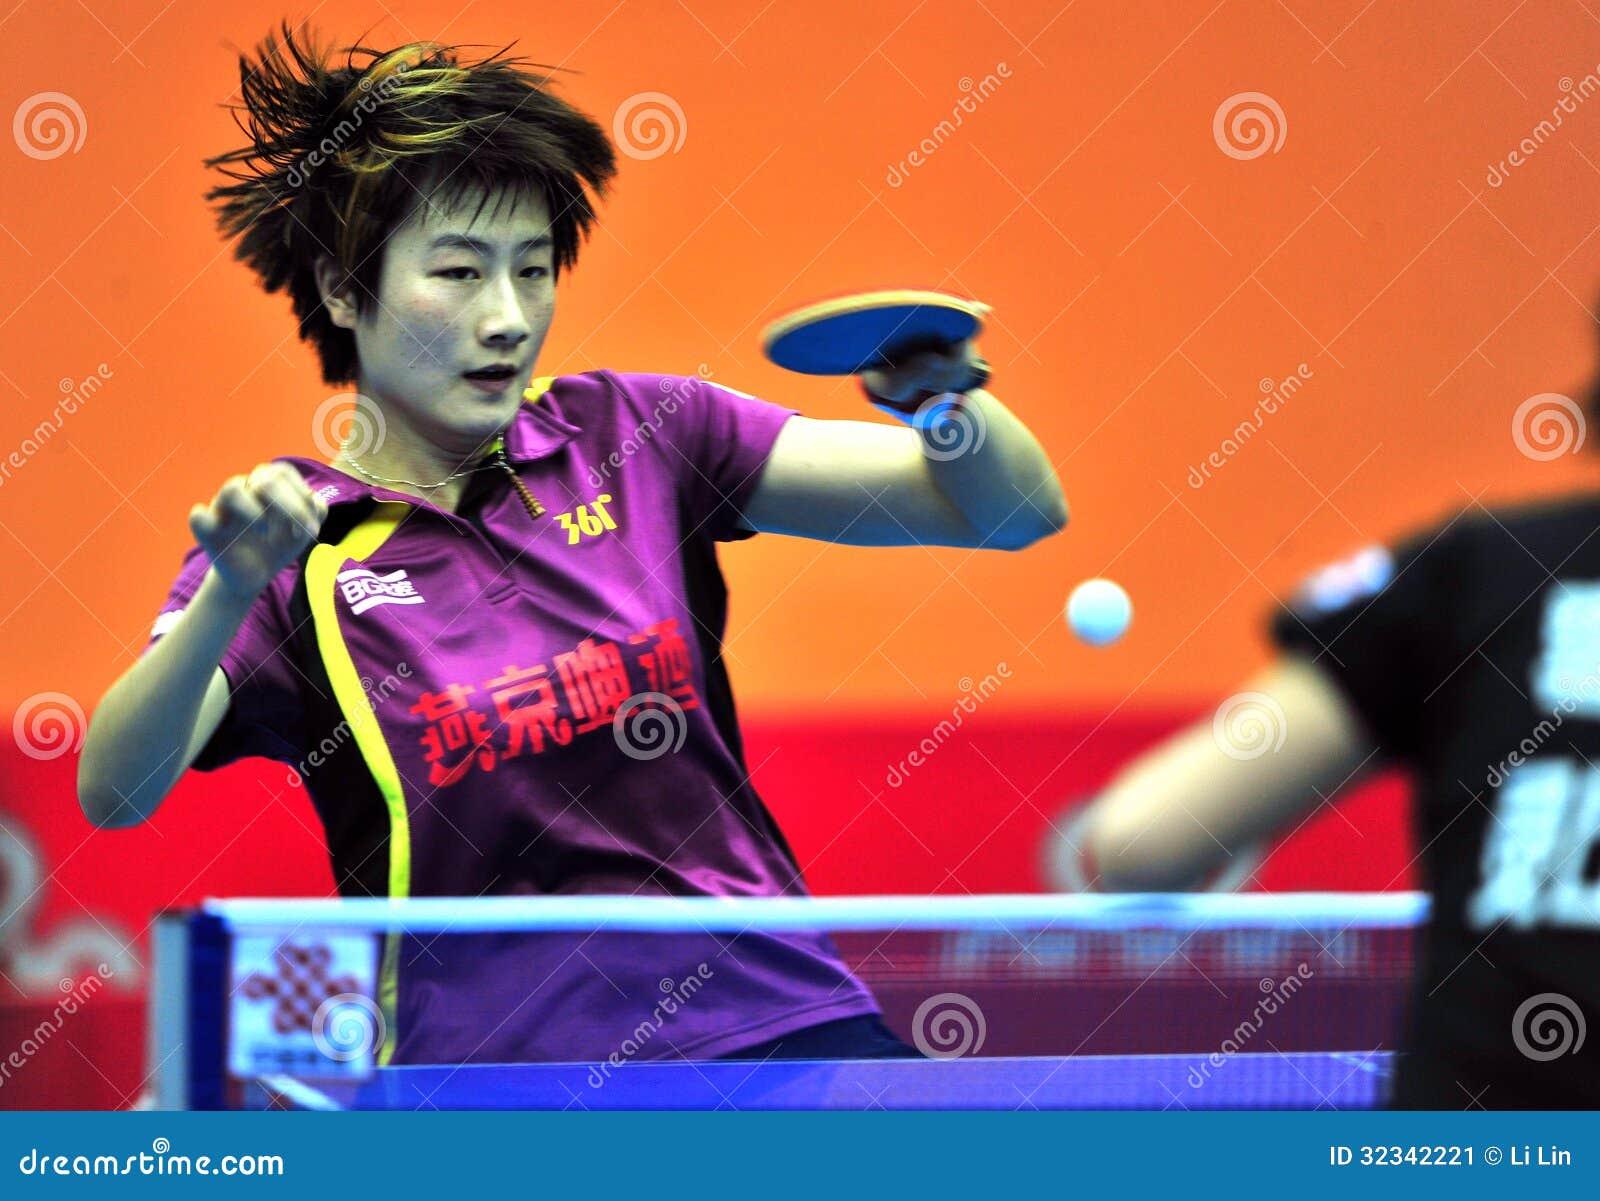 Лига настольного тенниса Китая супер